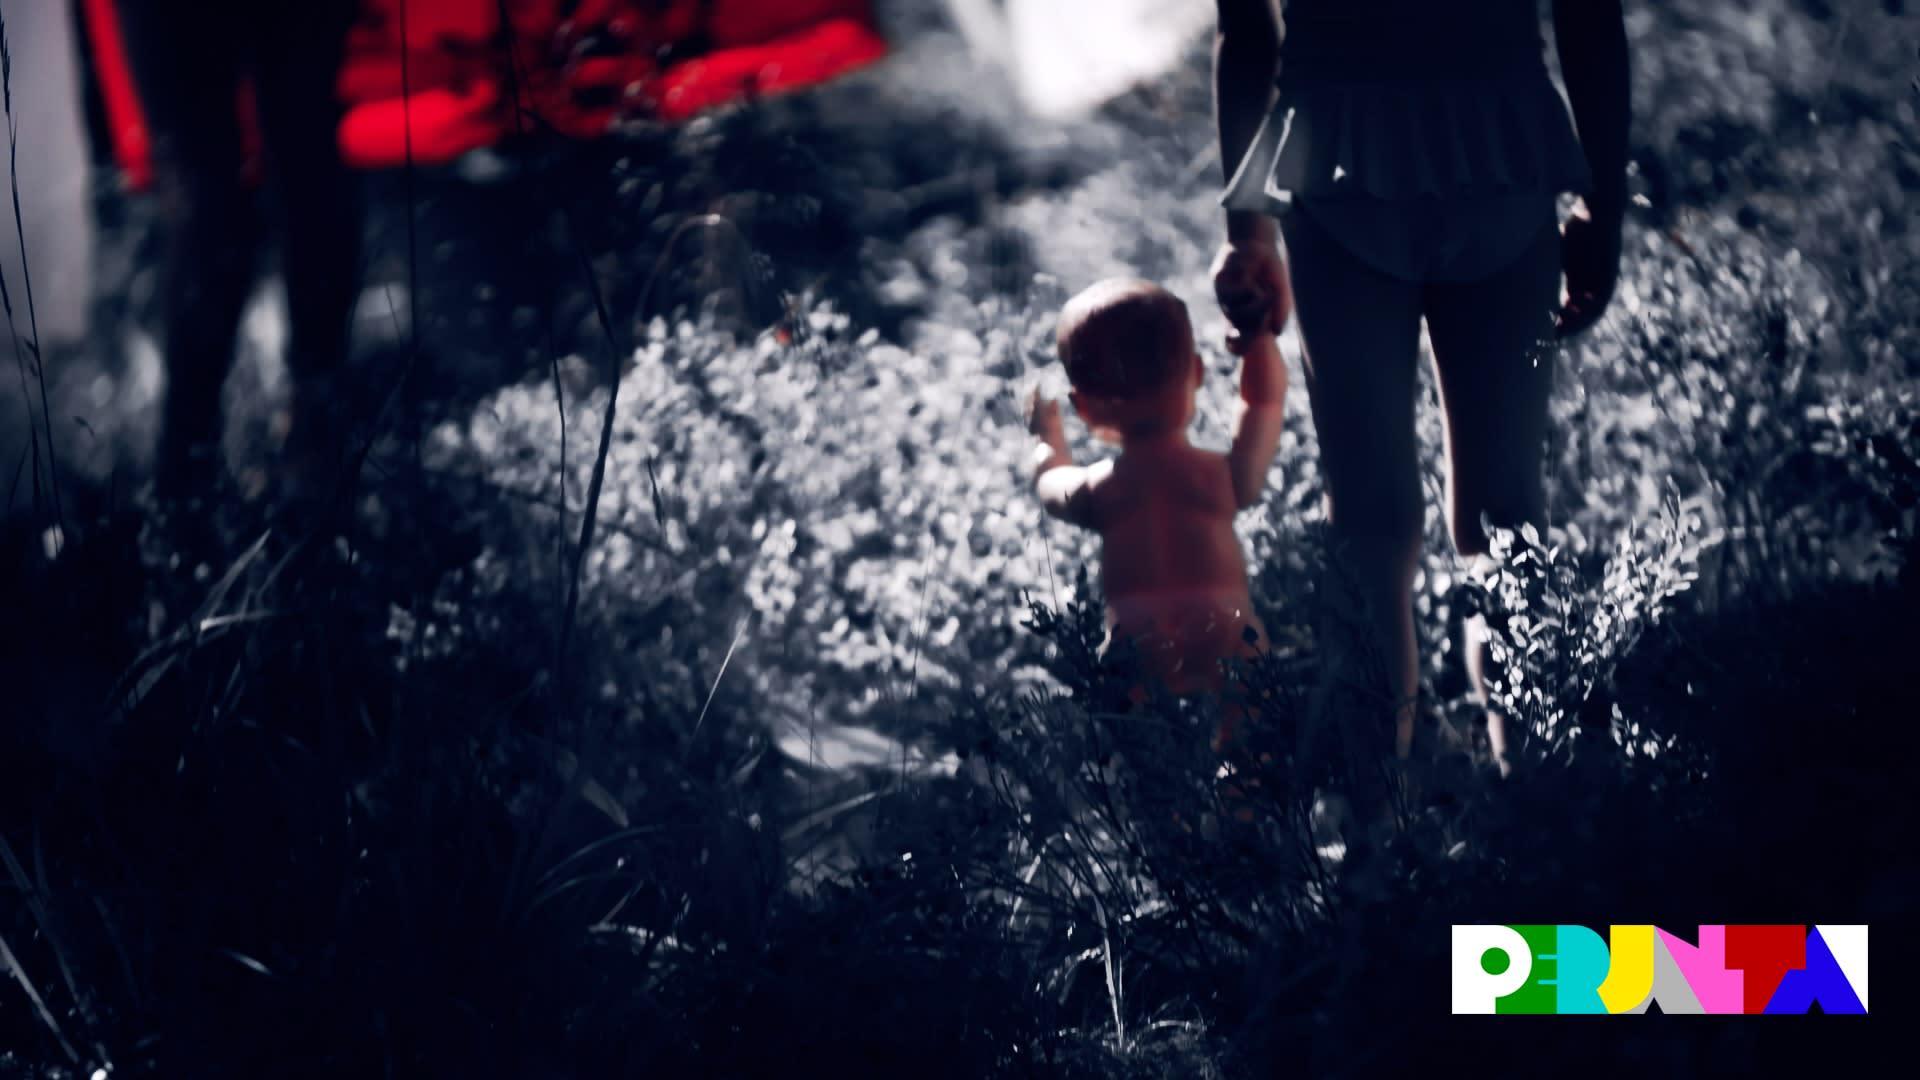 Tummasävyisessä kuvassa näkyy lapsen siluetti, joka pitelee toisessa kädessään leluvauvaa kävellessään ruohikossa.